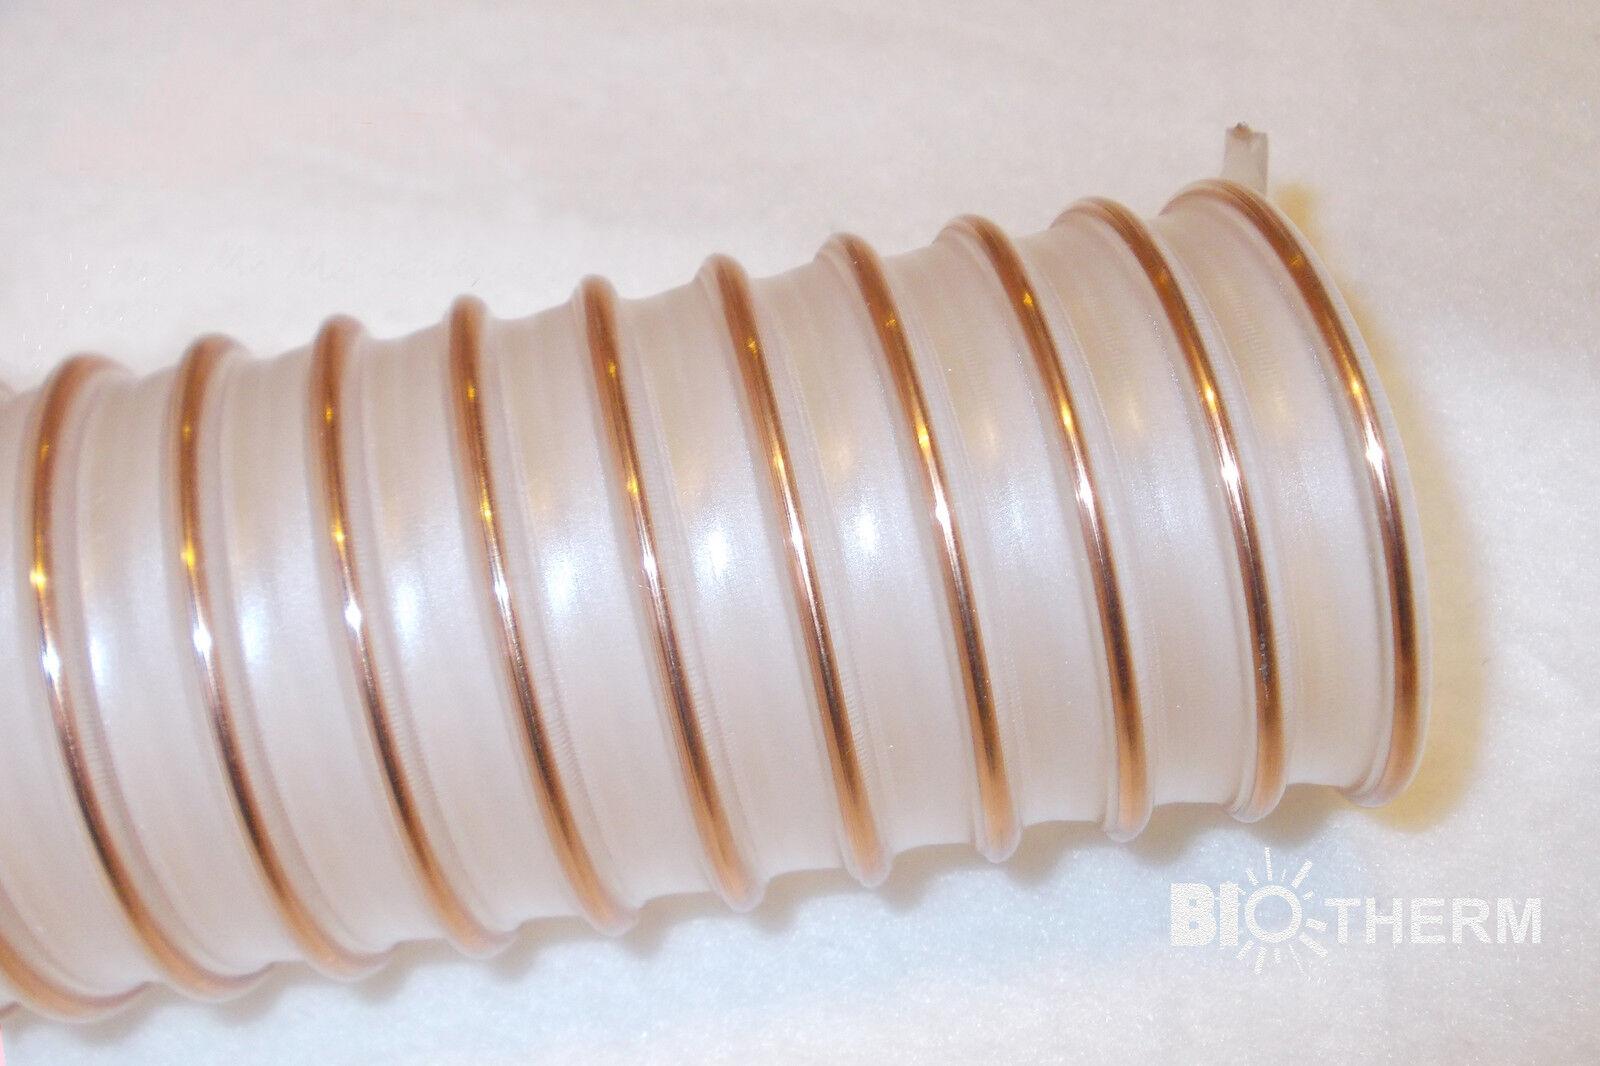 5 m Ersatzschlauch für z.B. Schellinger Maulwurf oder ähnliche   Pelletschlauch